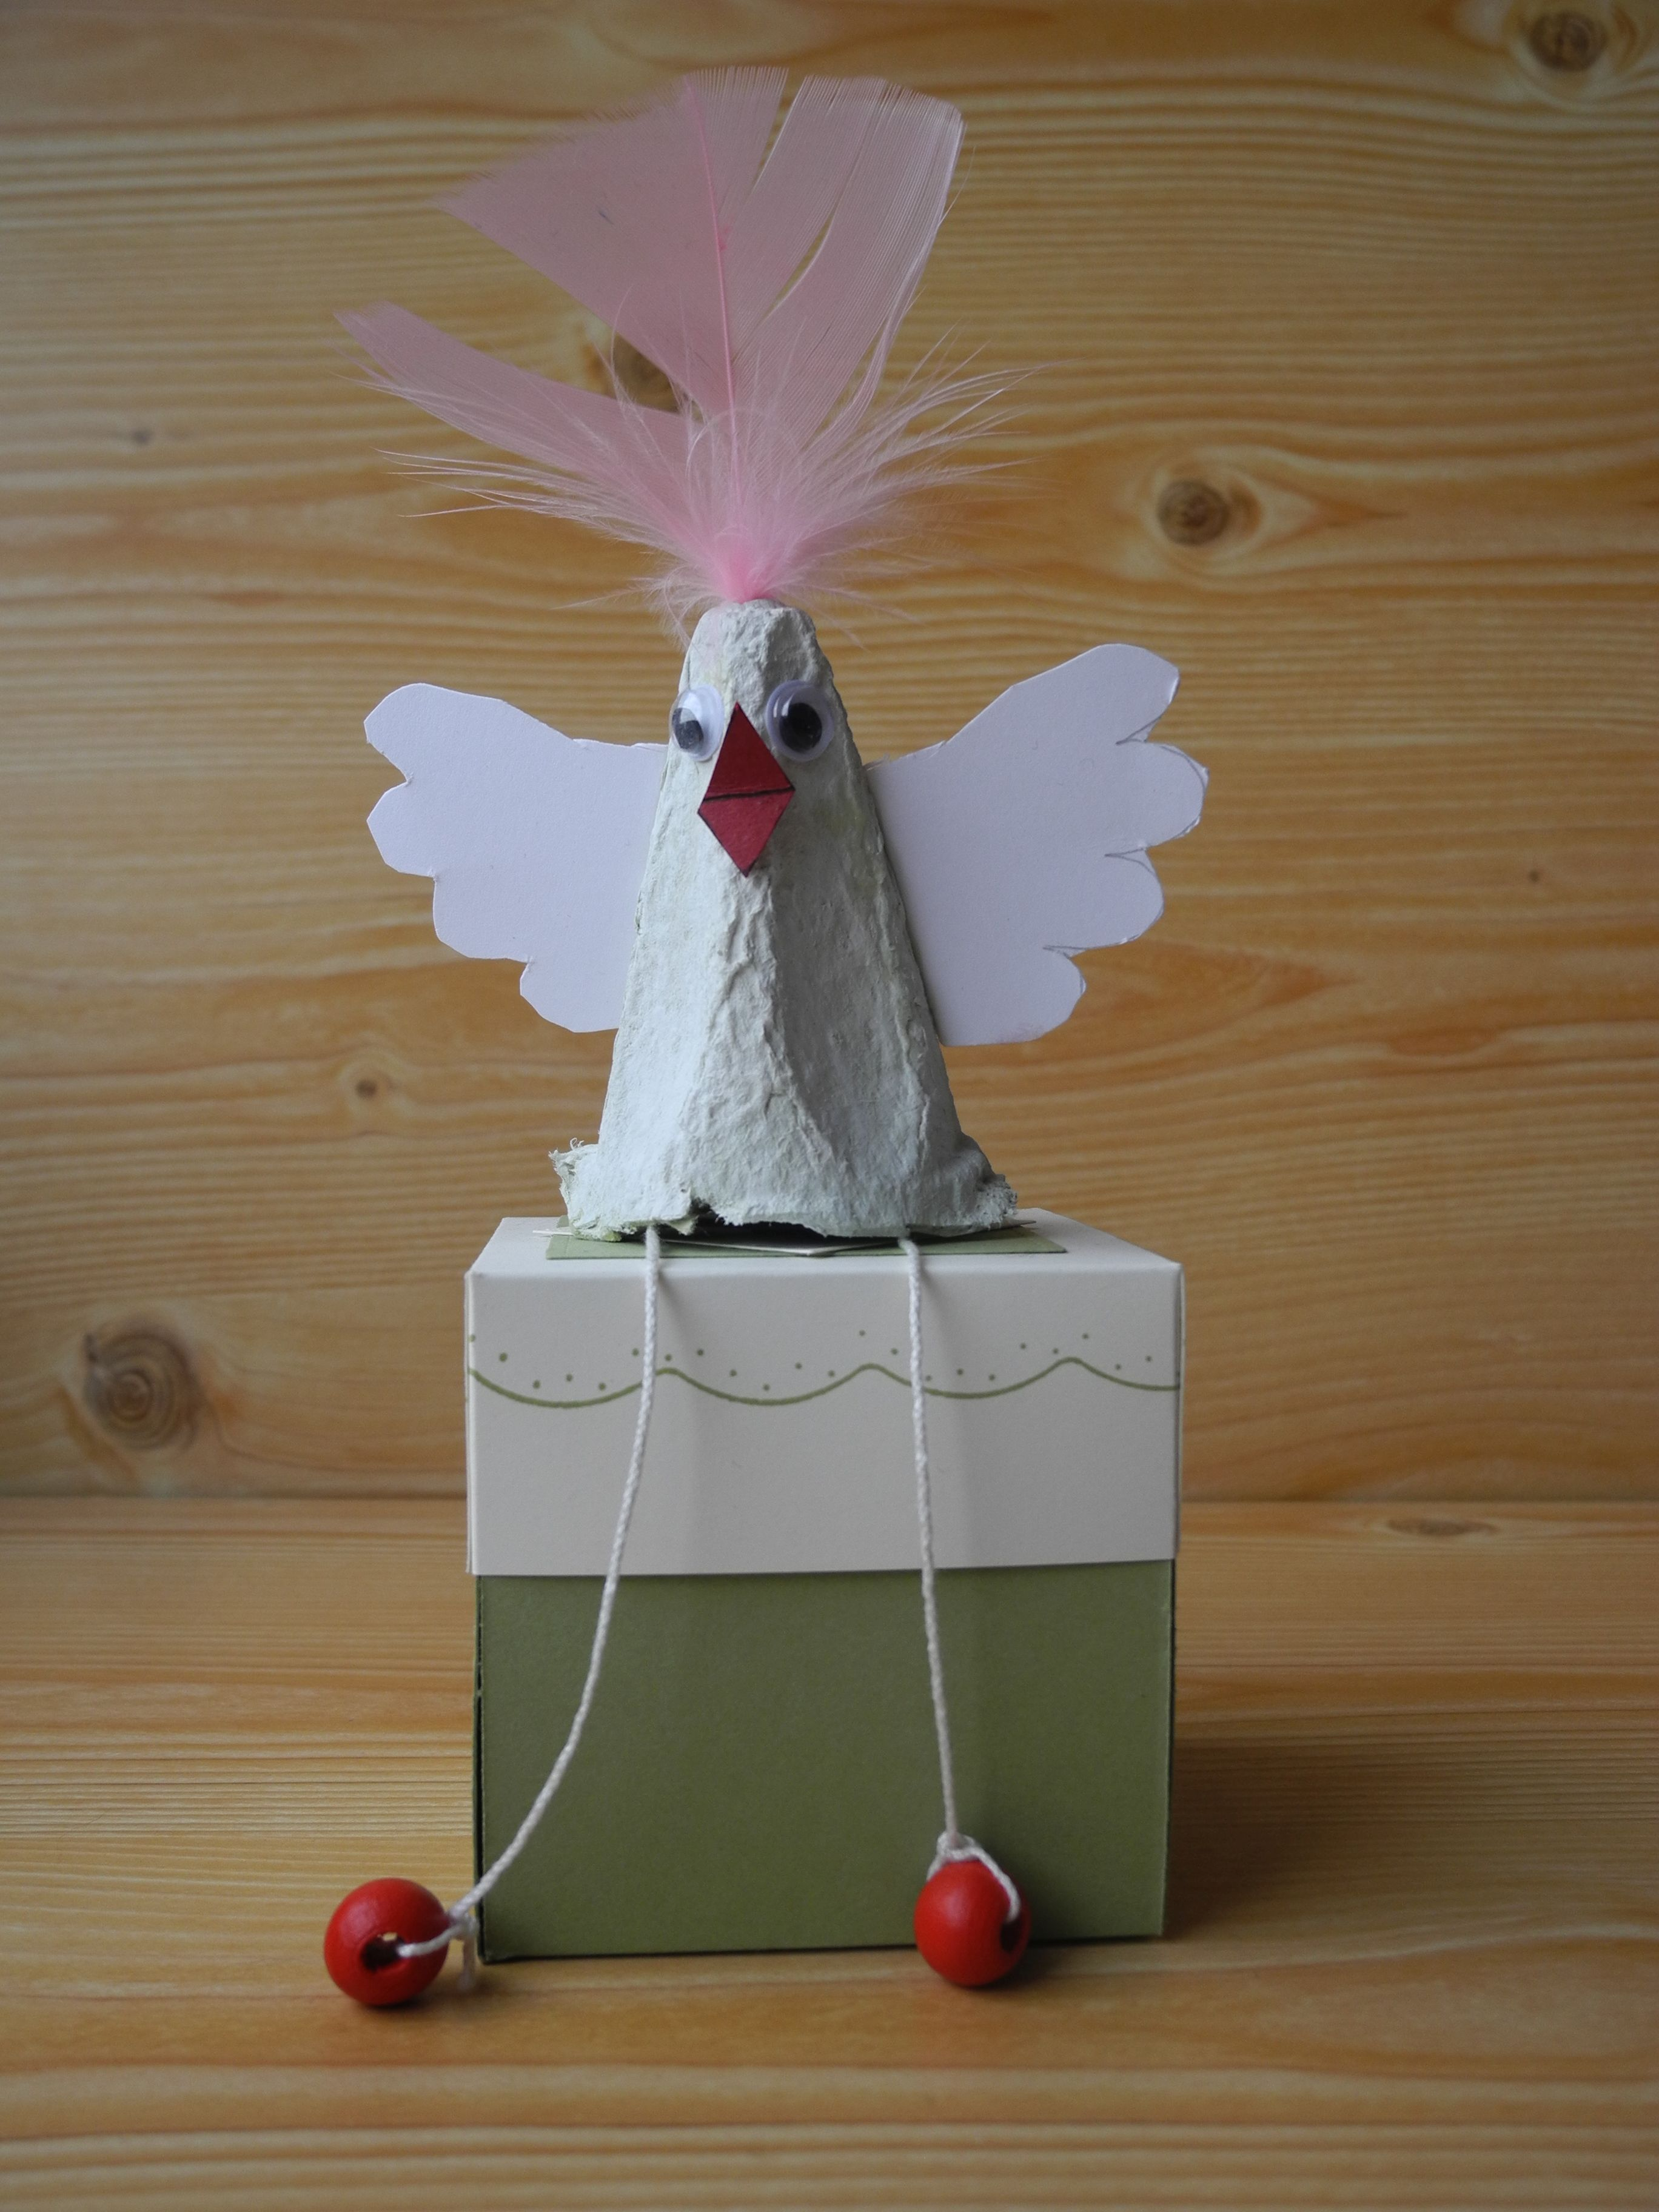 basteln mit eierkartons herbst vogelmasken aus eierkarton blumen aus eierkarton absteln. Black Bedroom Furniture Sets. Home Design Ideas